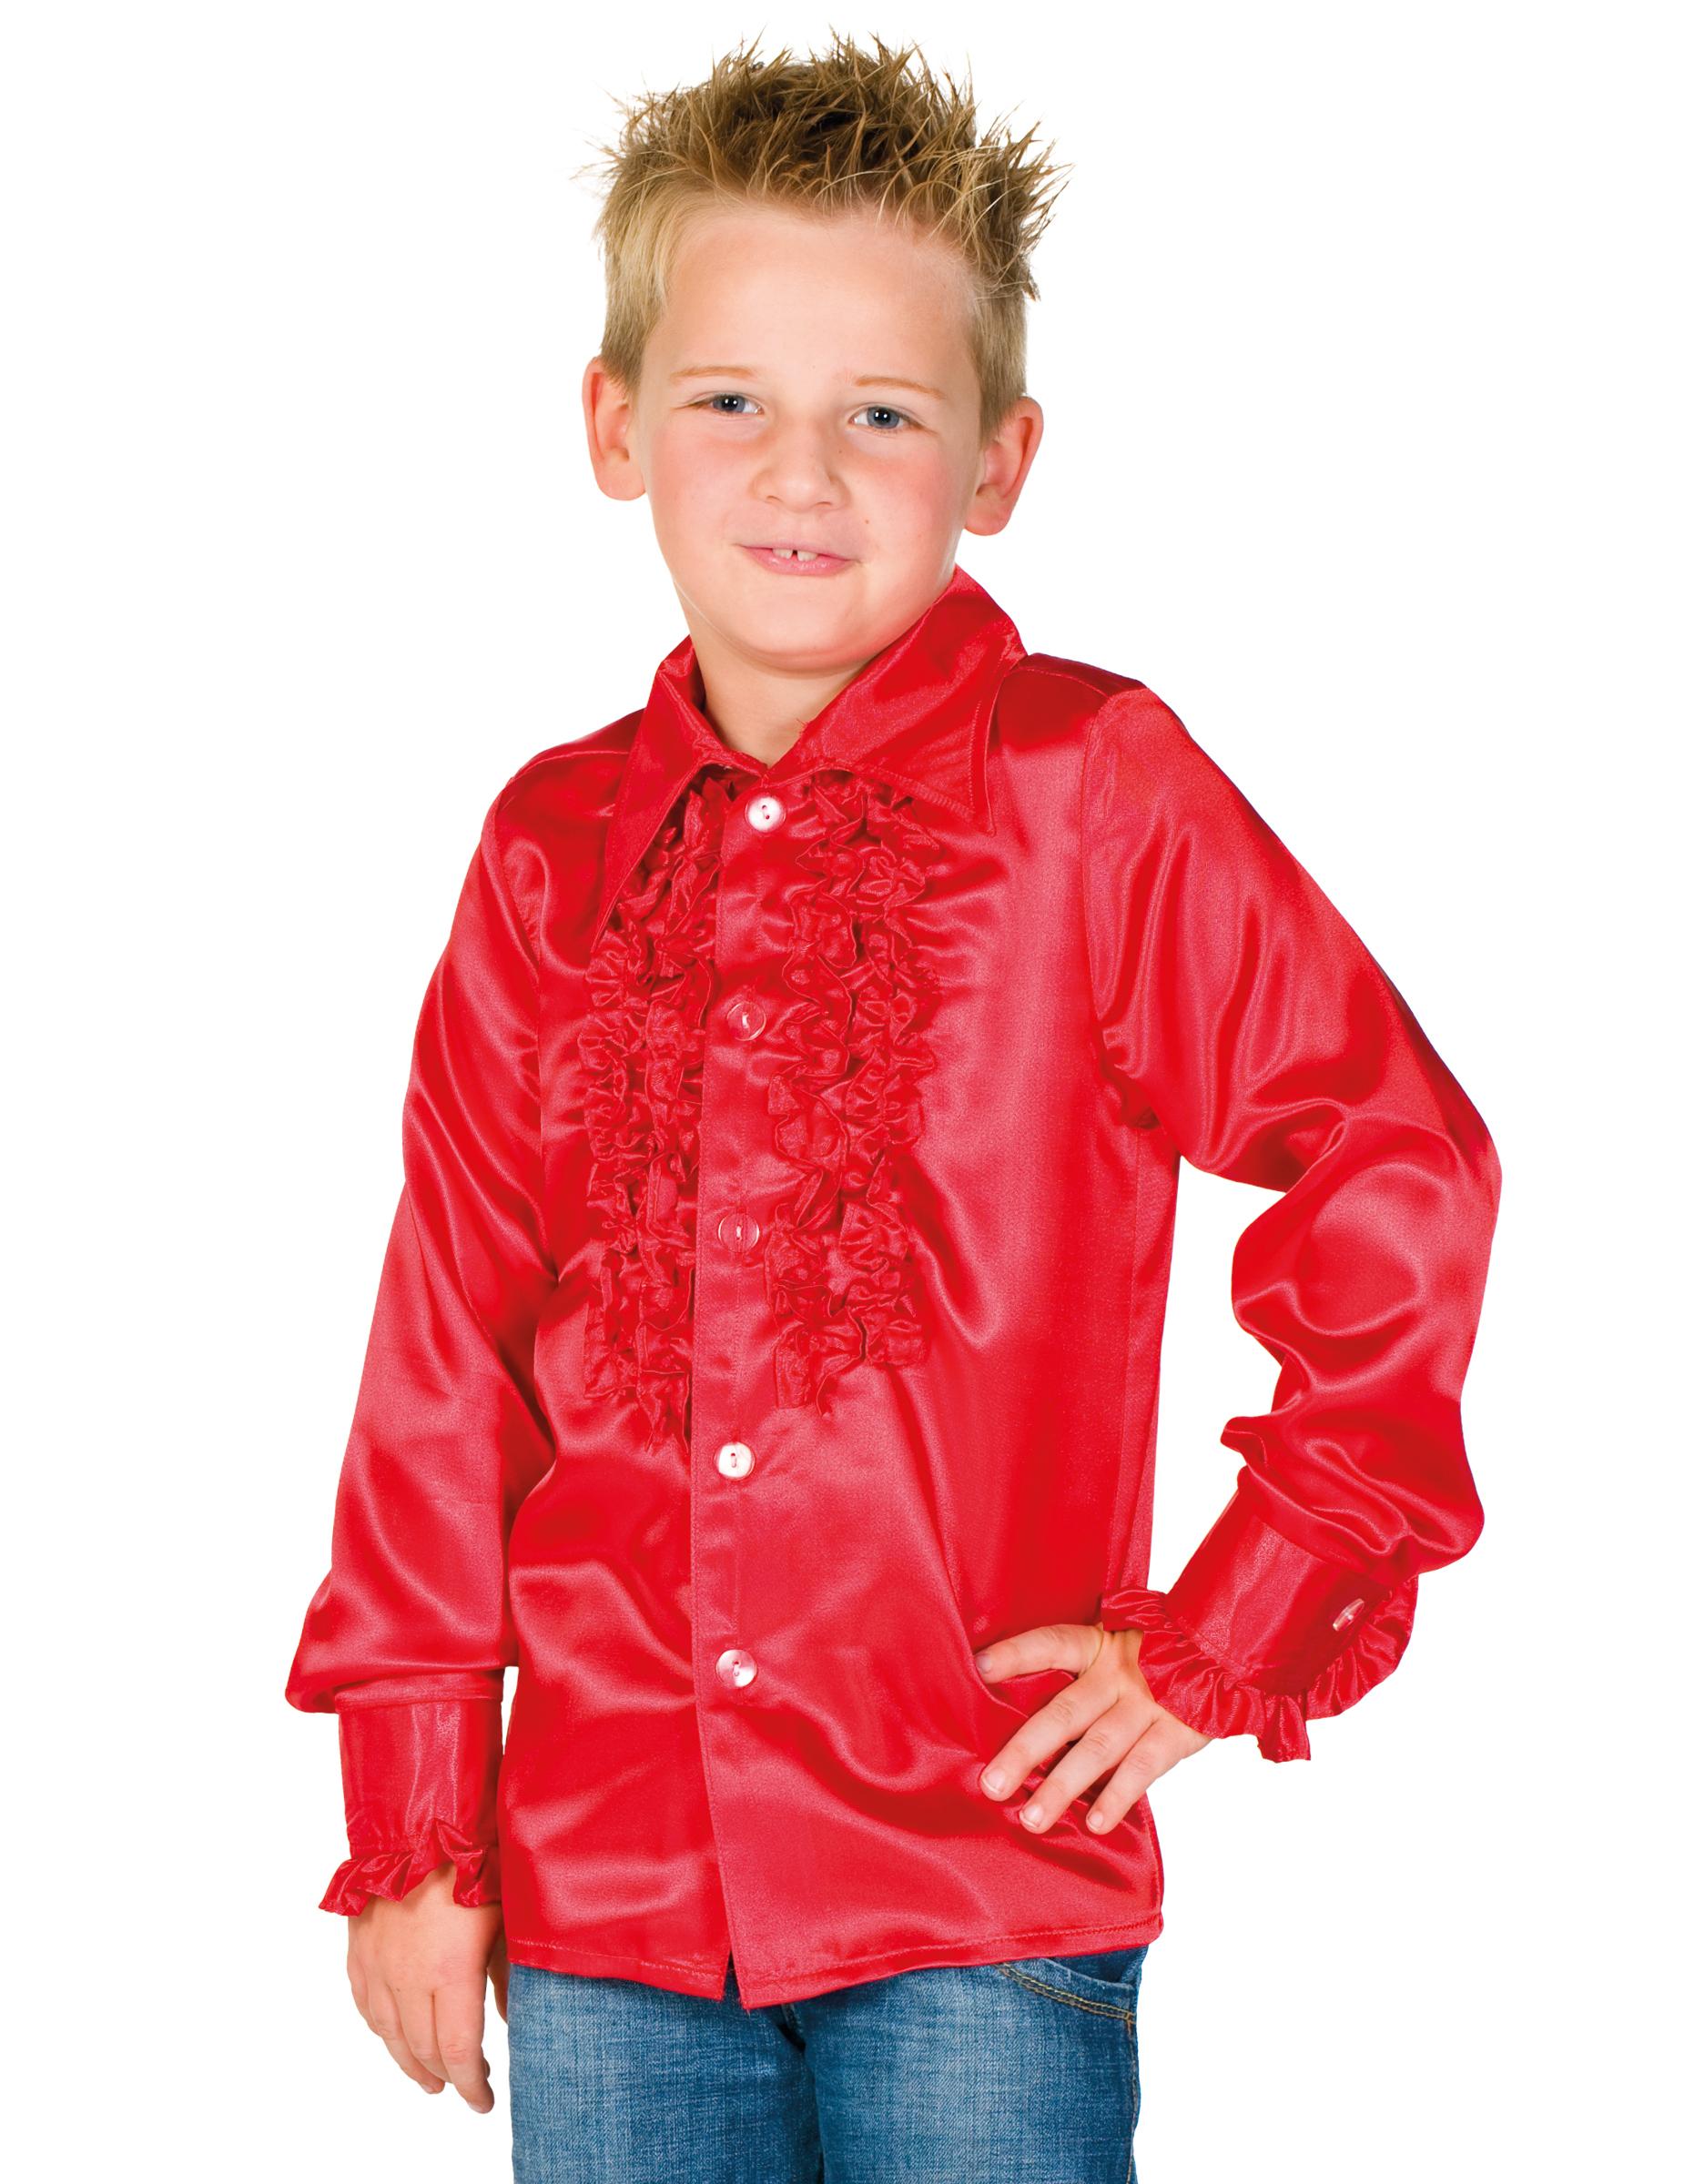 hemd mit r schen f r kinder rot g nstige faschings kost me bei karneval megastore. Black Bedroom Furniture Sets. Home Design Ideas